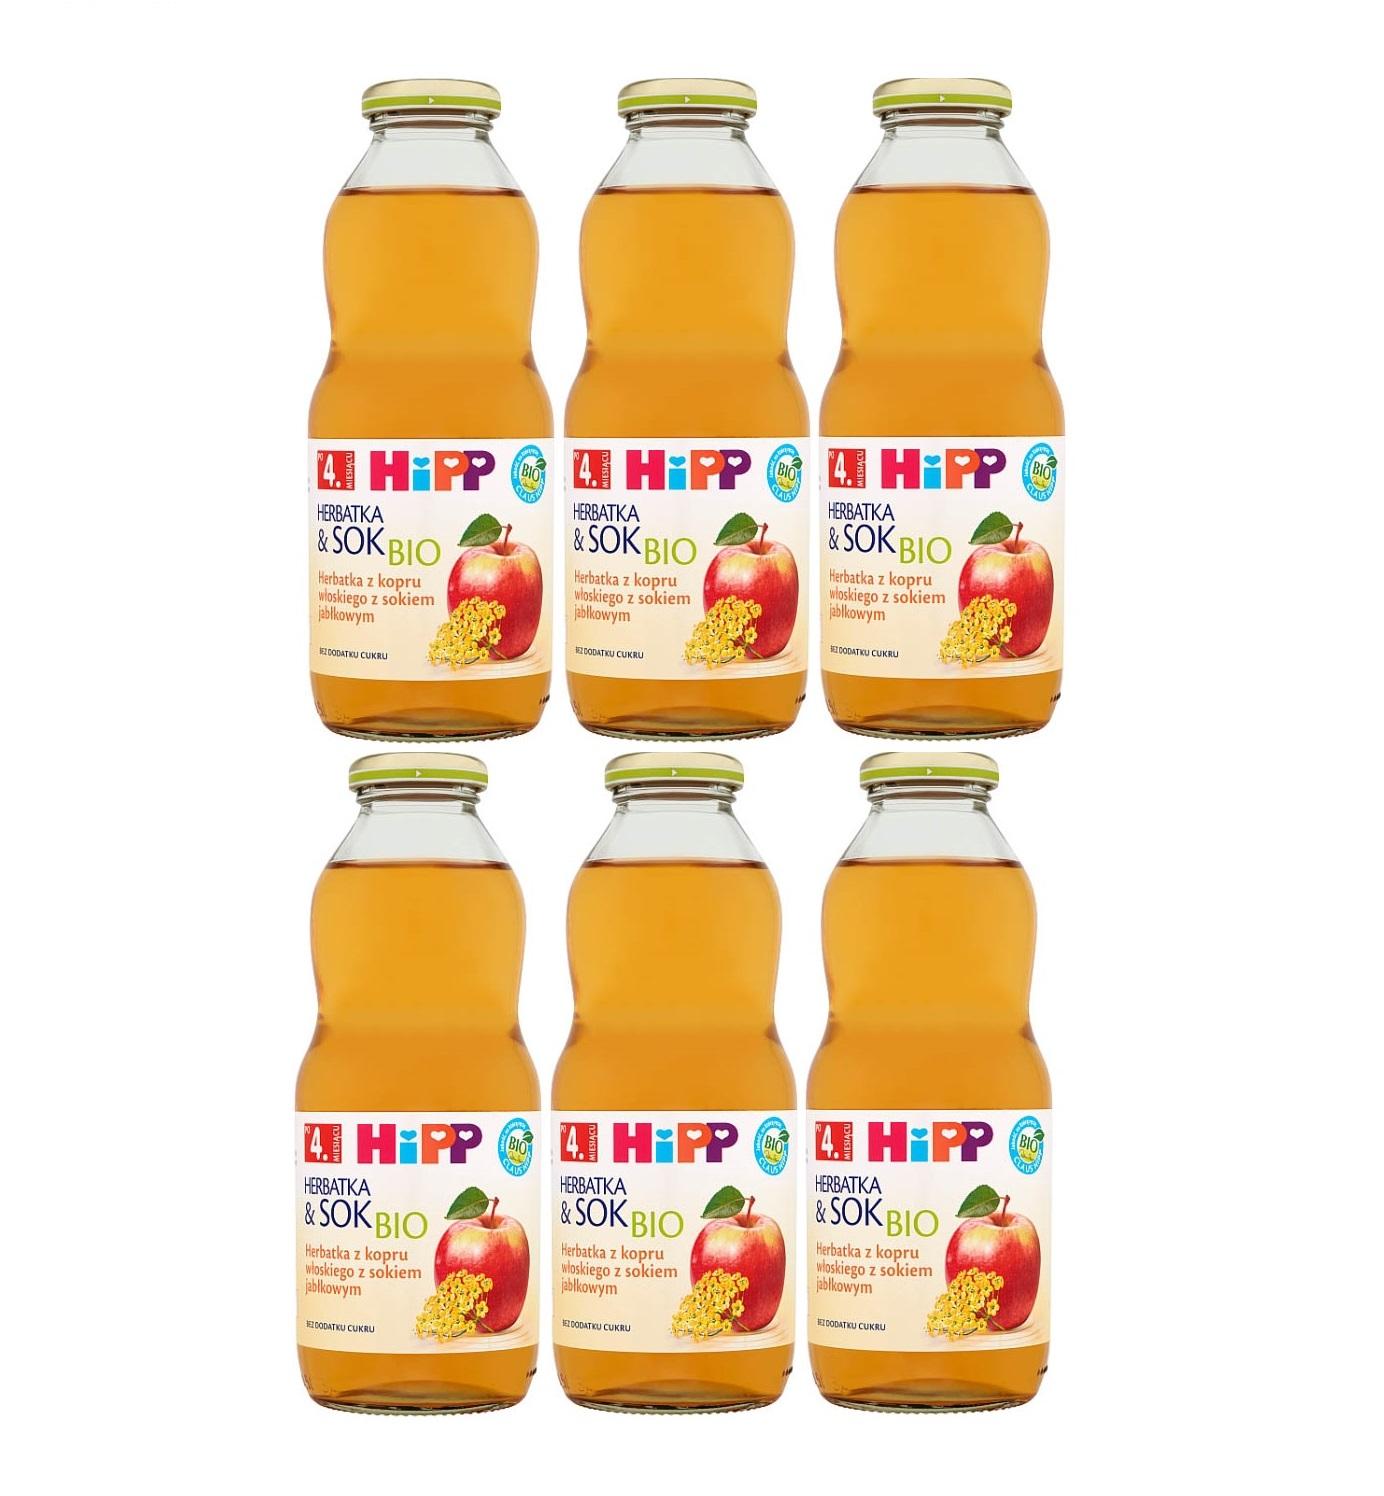 6 pack hipp 500ml herbata&sok koper włoski z sokiem jablkowym